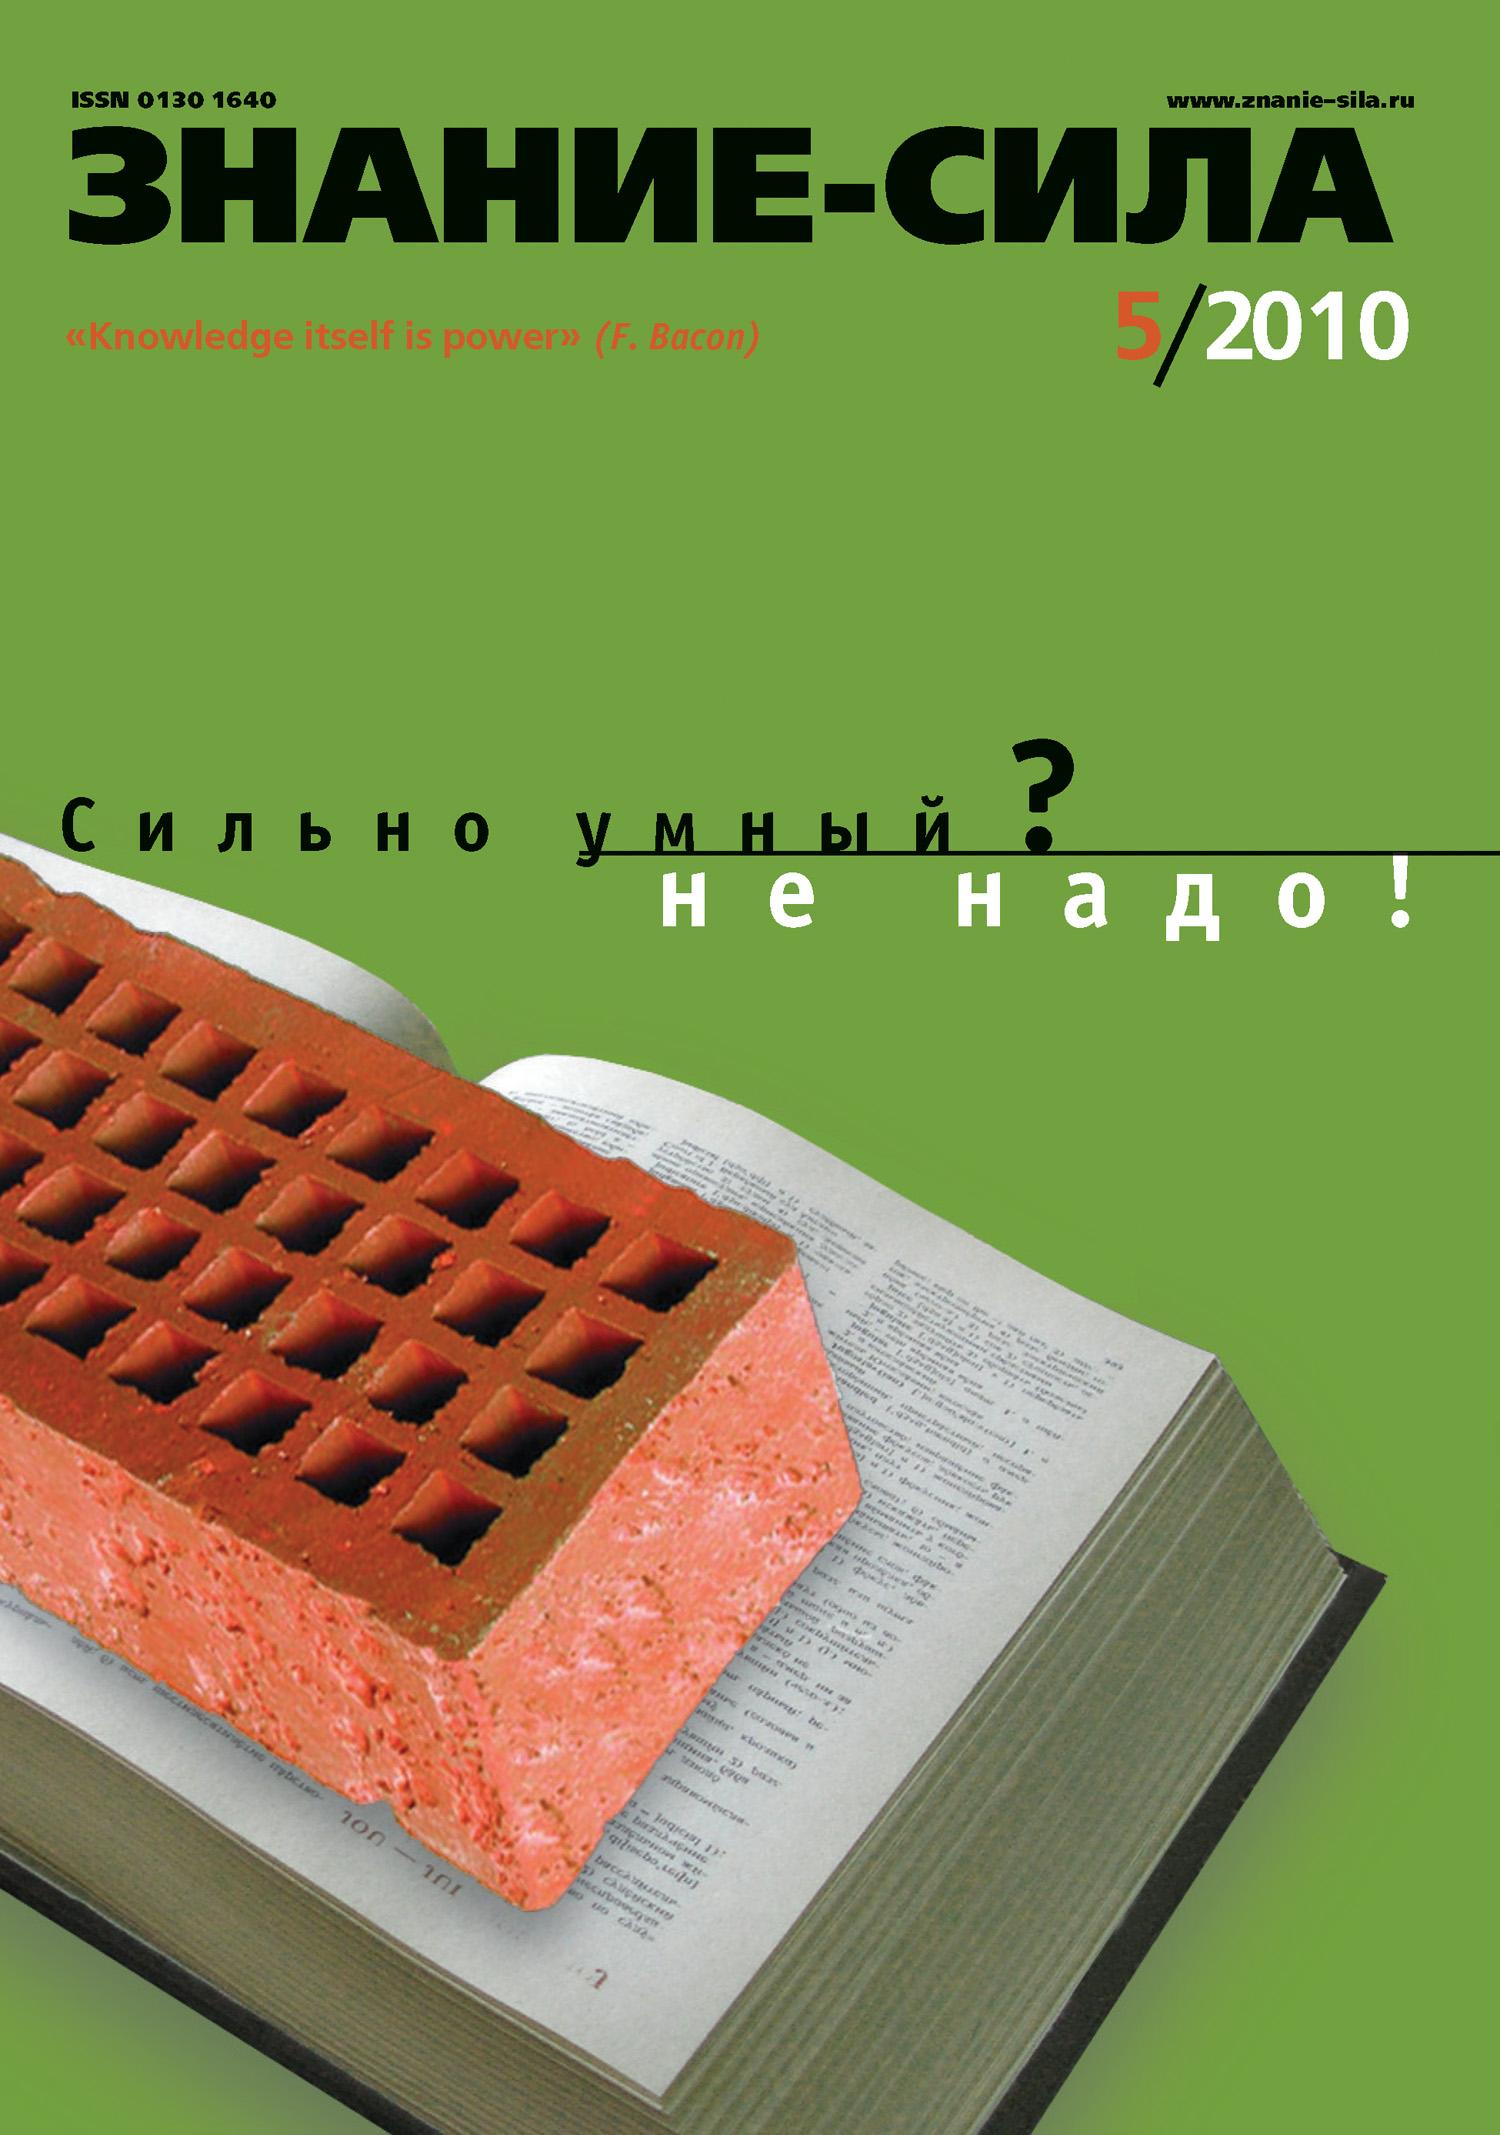 Отсутствует Журнал «Знание – сила» №5/2010 отсутствует журнал знание – сила 11 2010